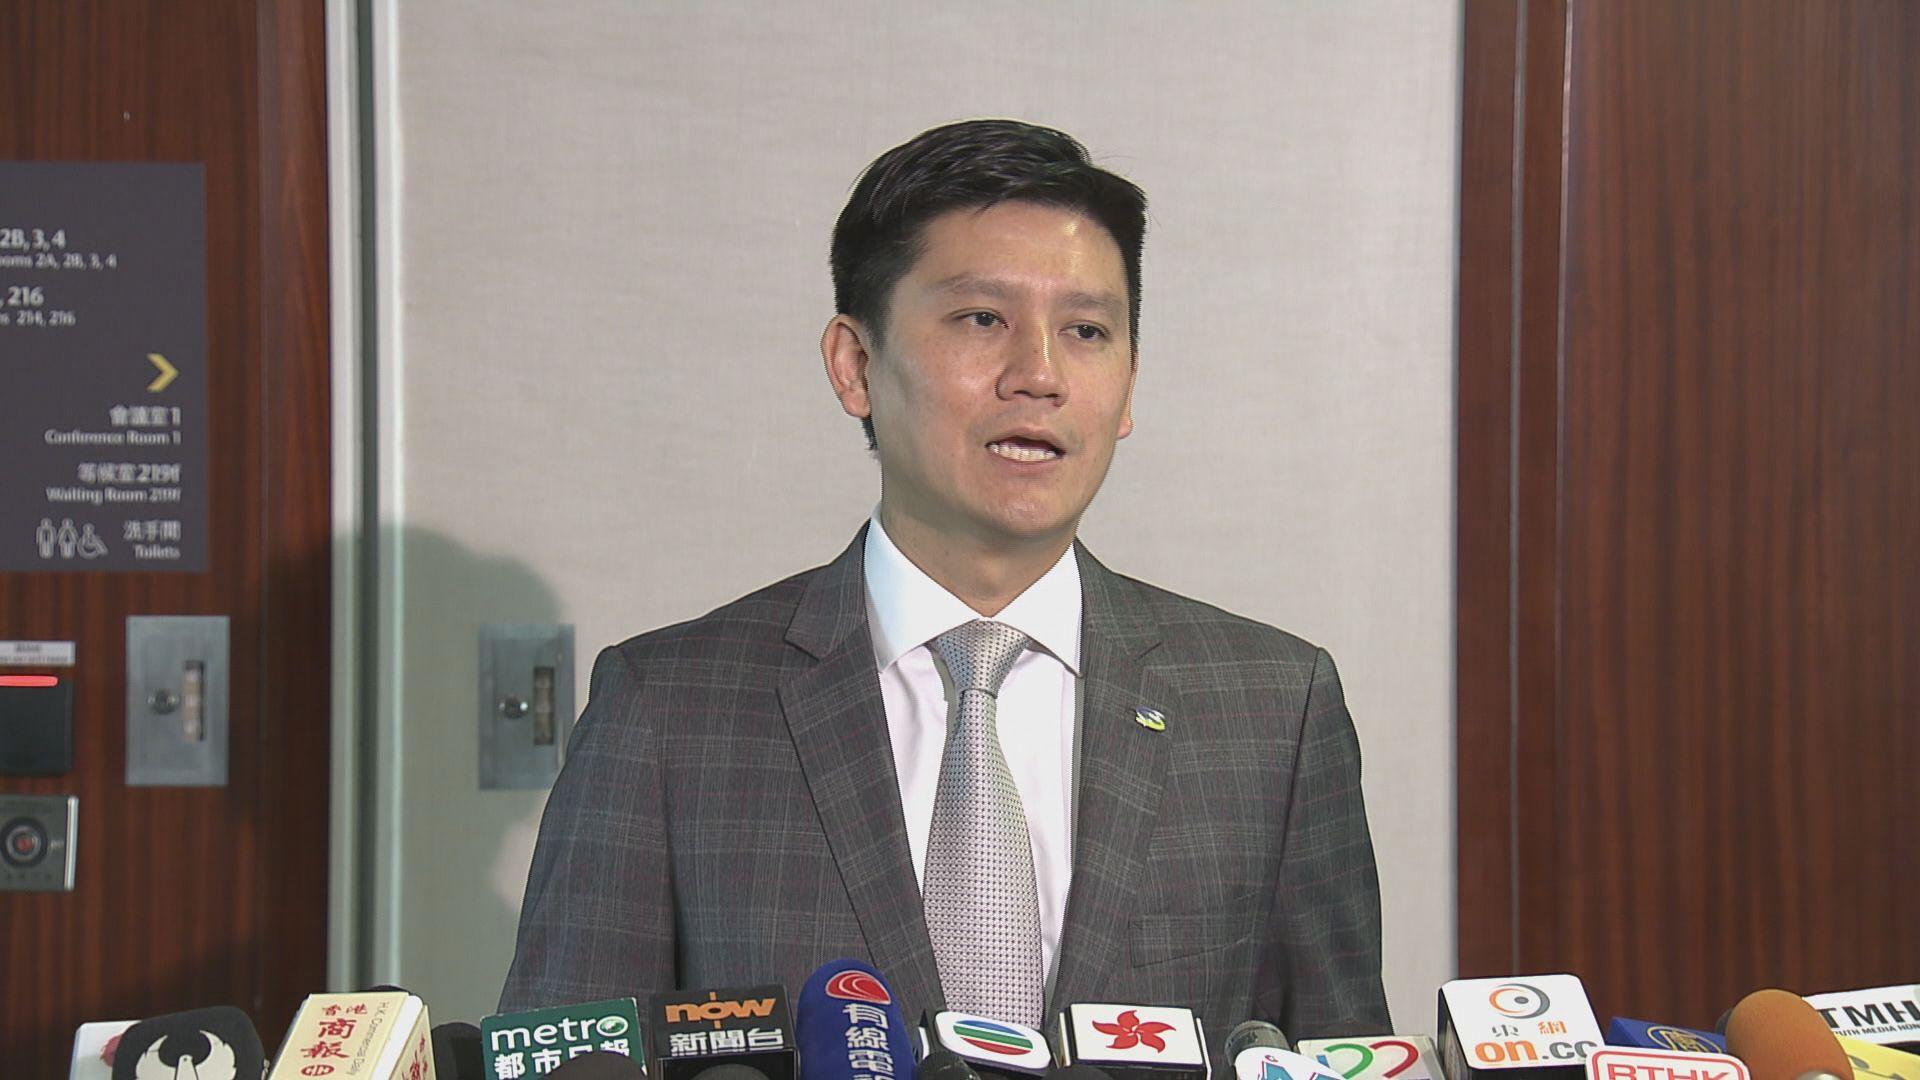 譚文豪:民航處空管系統再出故障是不能接受